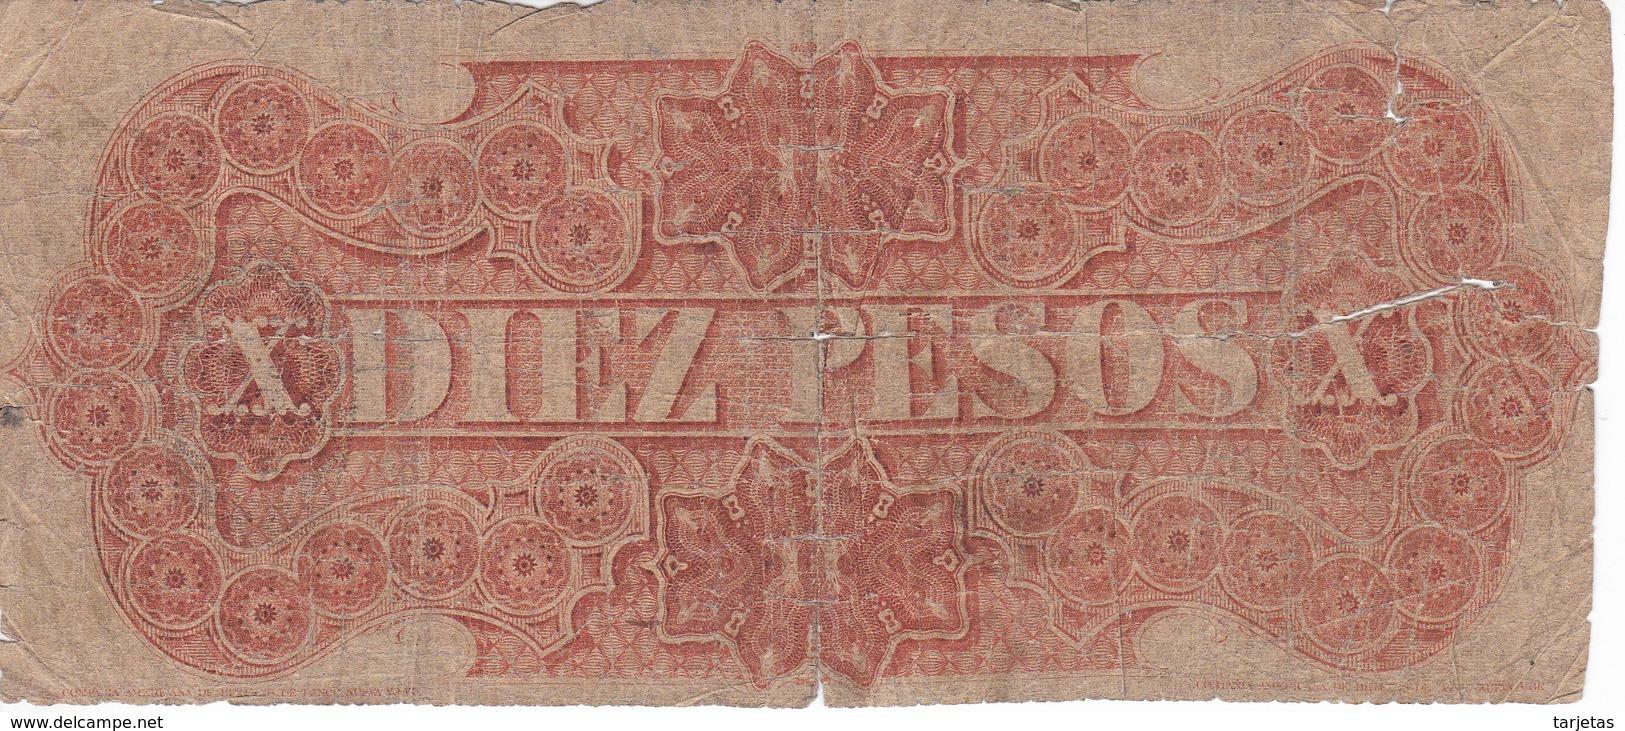 BILLETE DE URUGUAY DE 10 PESOS DEL AÑO 1867 SERIE B  (BANK NOTE) UN DOBLON DE ORO SELLADO (rotura) - Uruguay